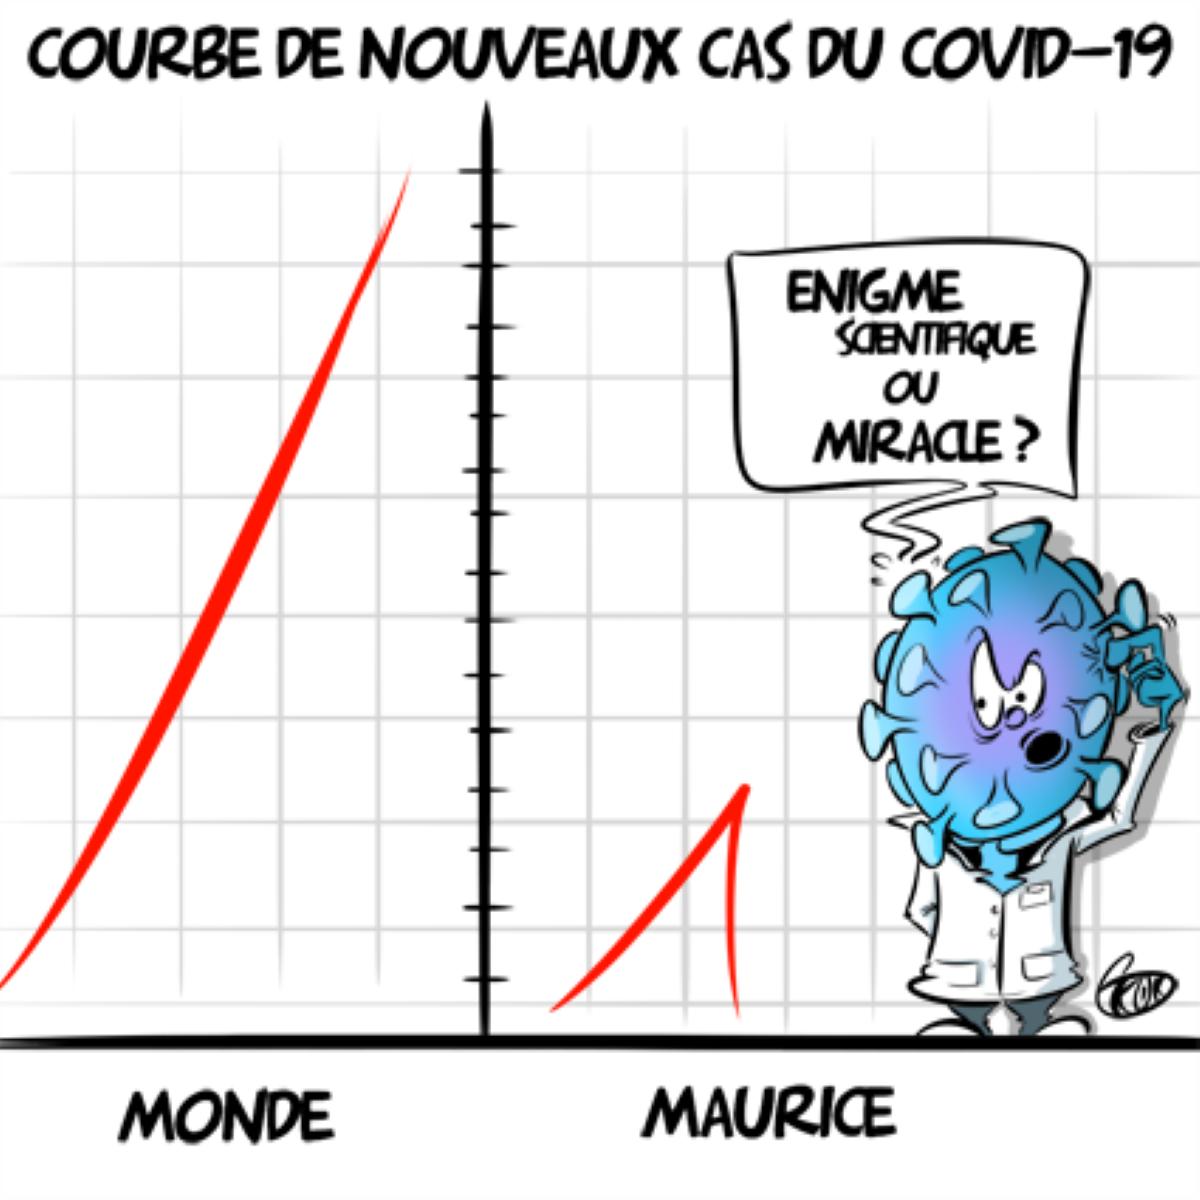 [KOK] Le dessin du jour : Aucun cas de Covid-19 depuis 48 heures à Maurice